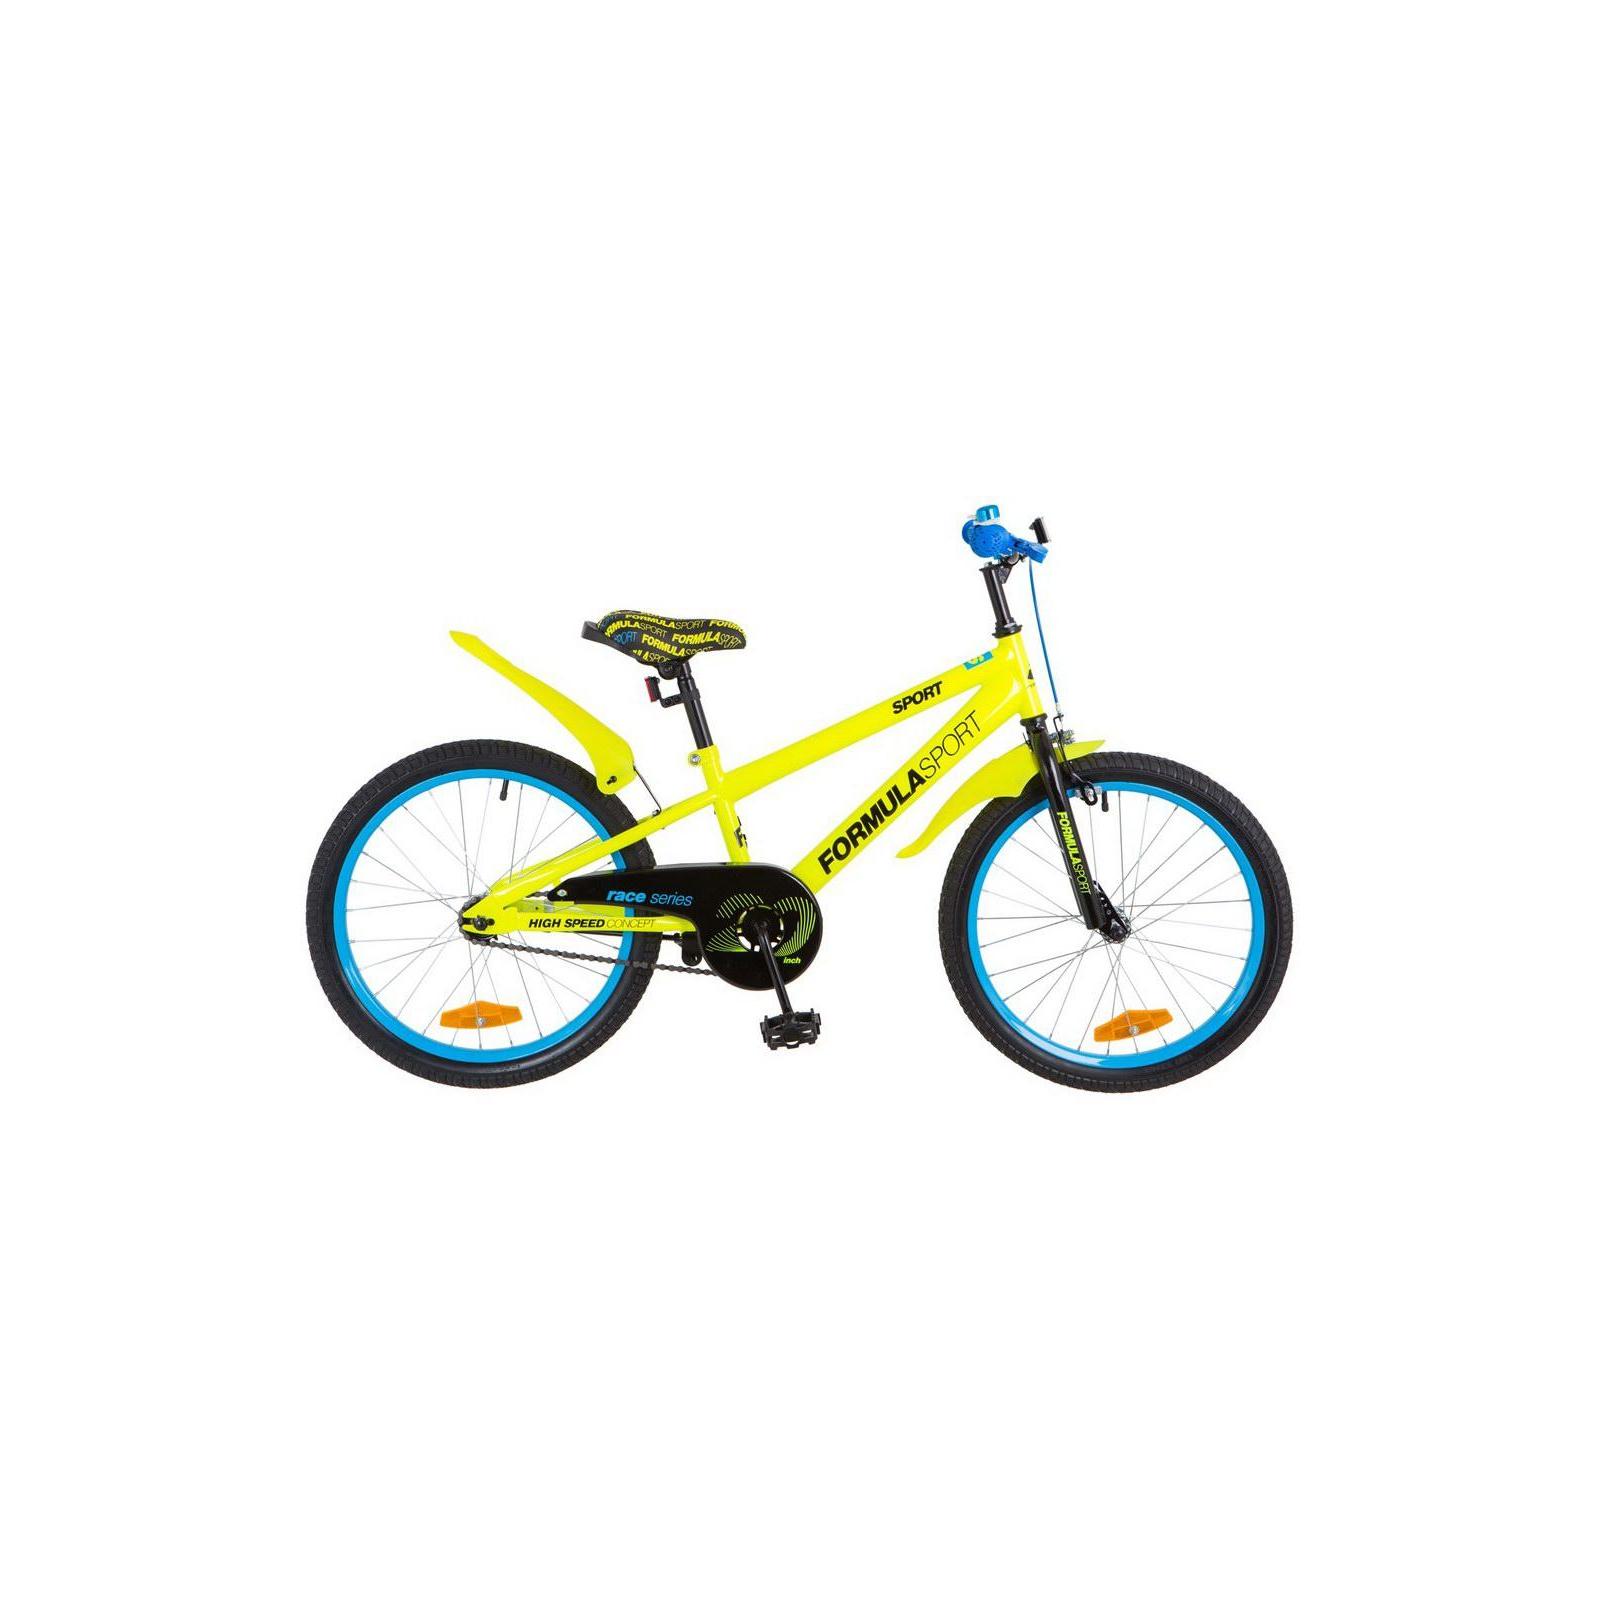 """Детский велосипед Formula 20"""" SPORT 2018 14G рама-10,5"""" St желтый (OPS-FRK-20-055)"""